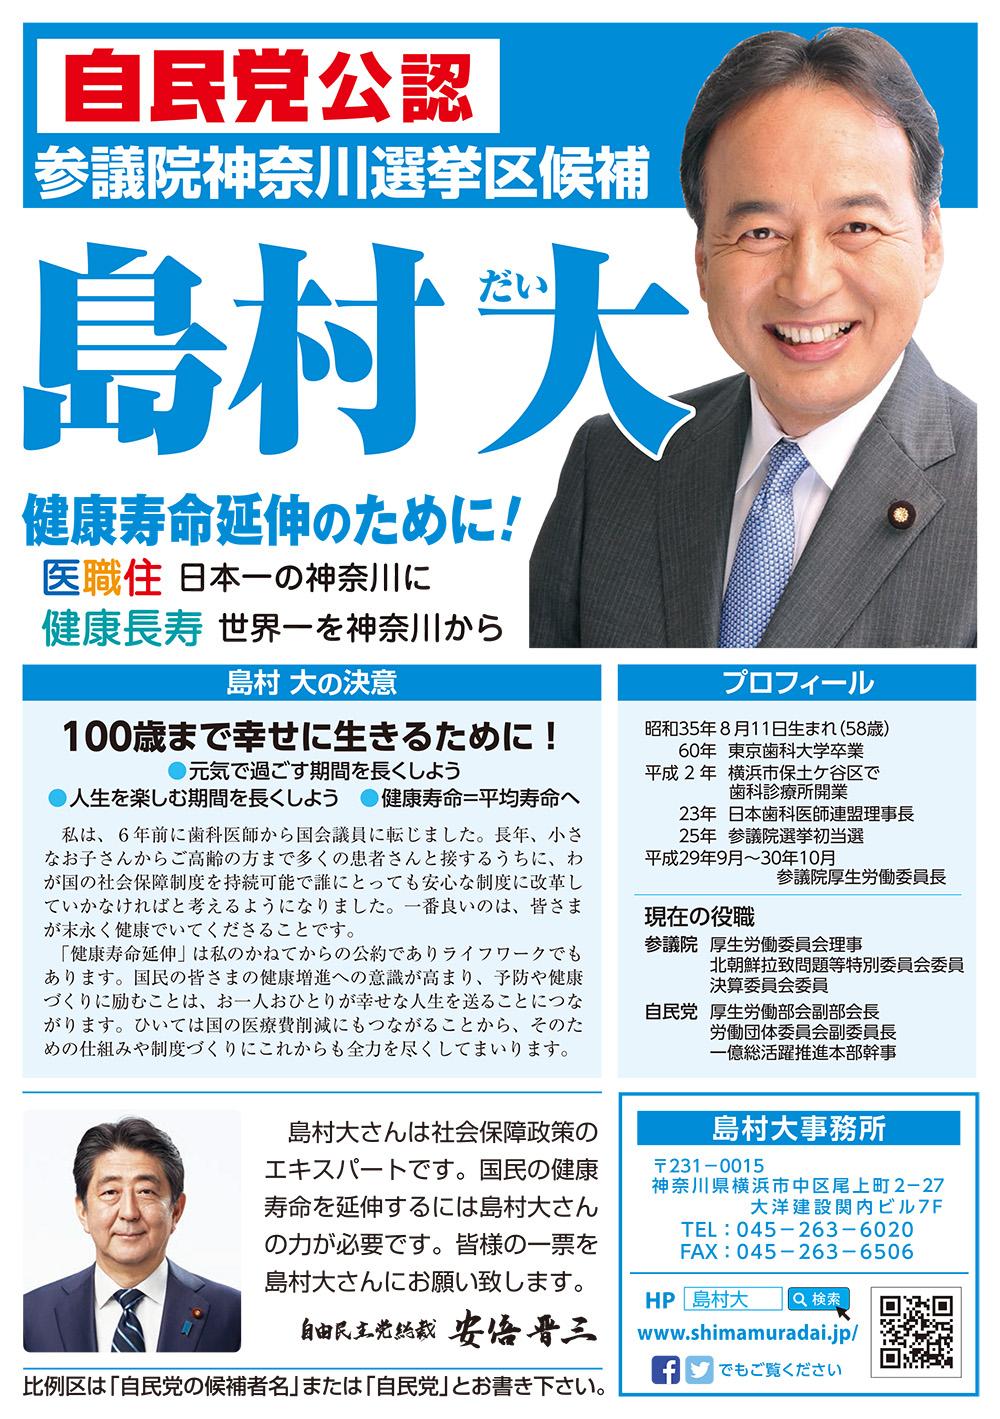 第25回参議院議員通常選挙 選挙広報紙